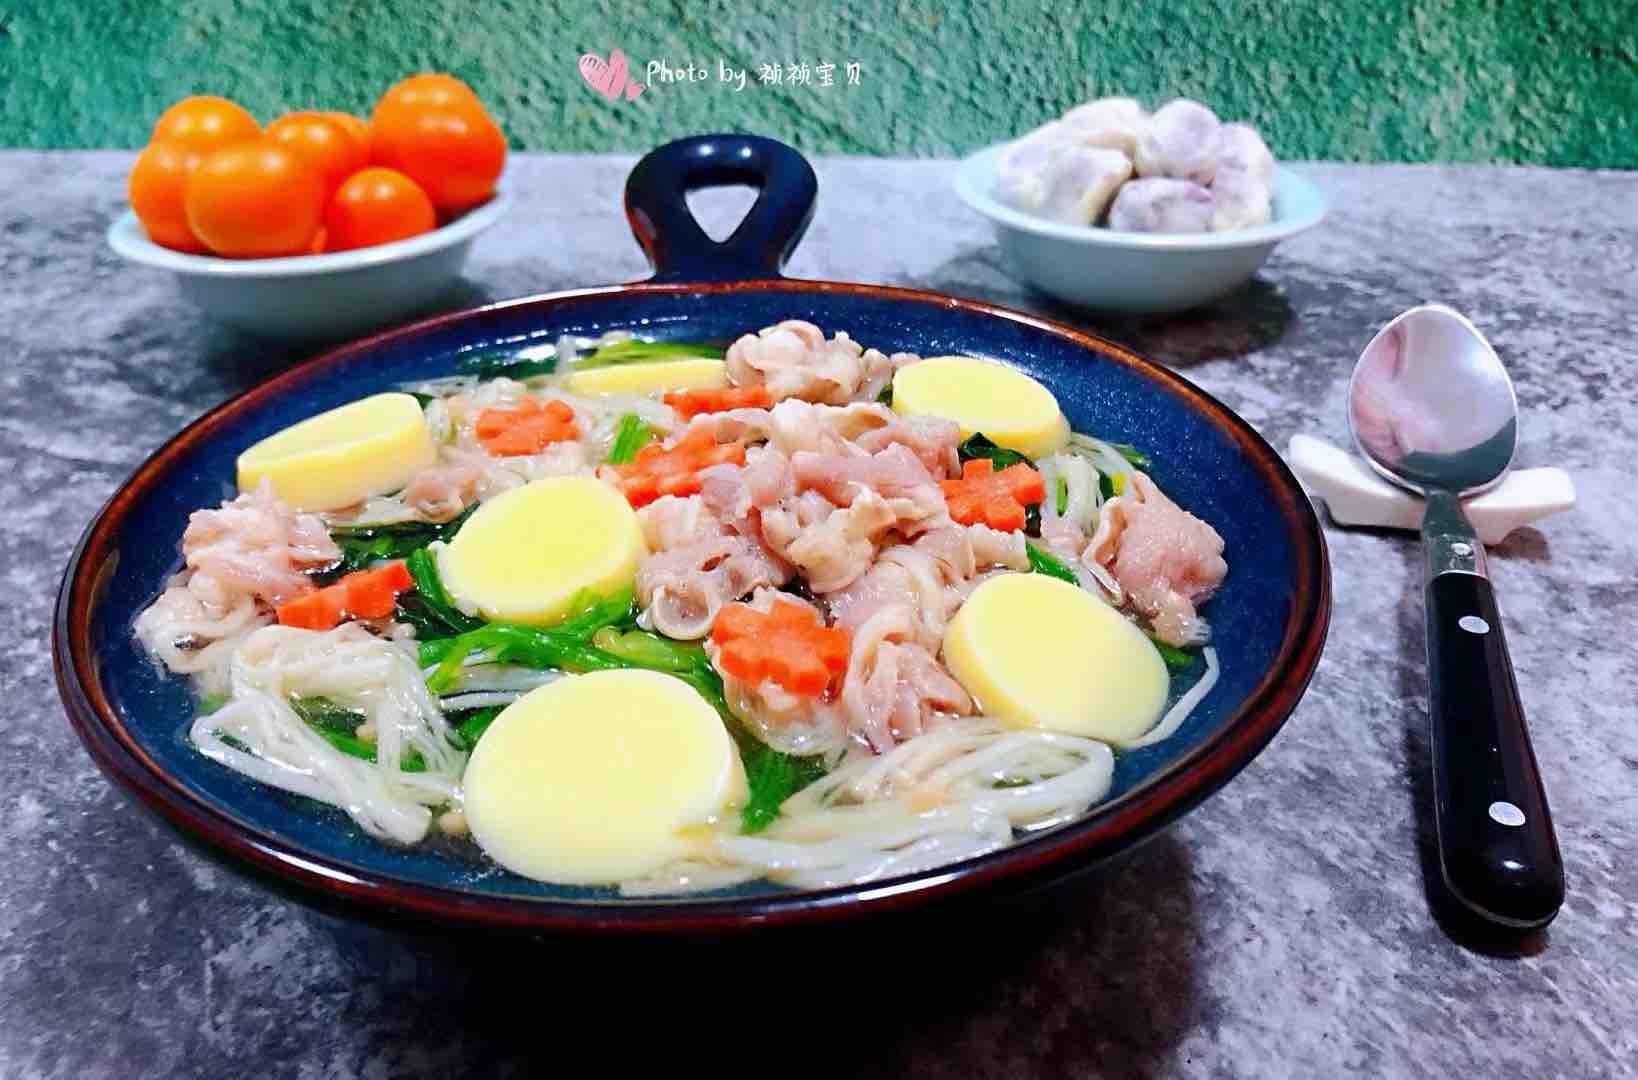 肥羊菠菜金针菇豆腐汤怎样做